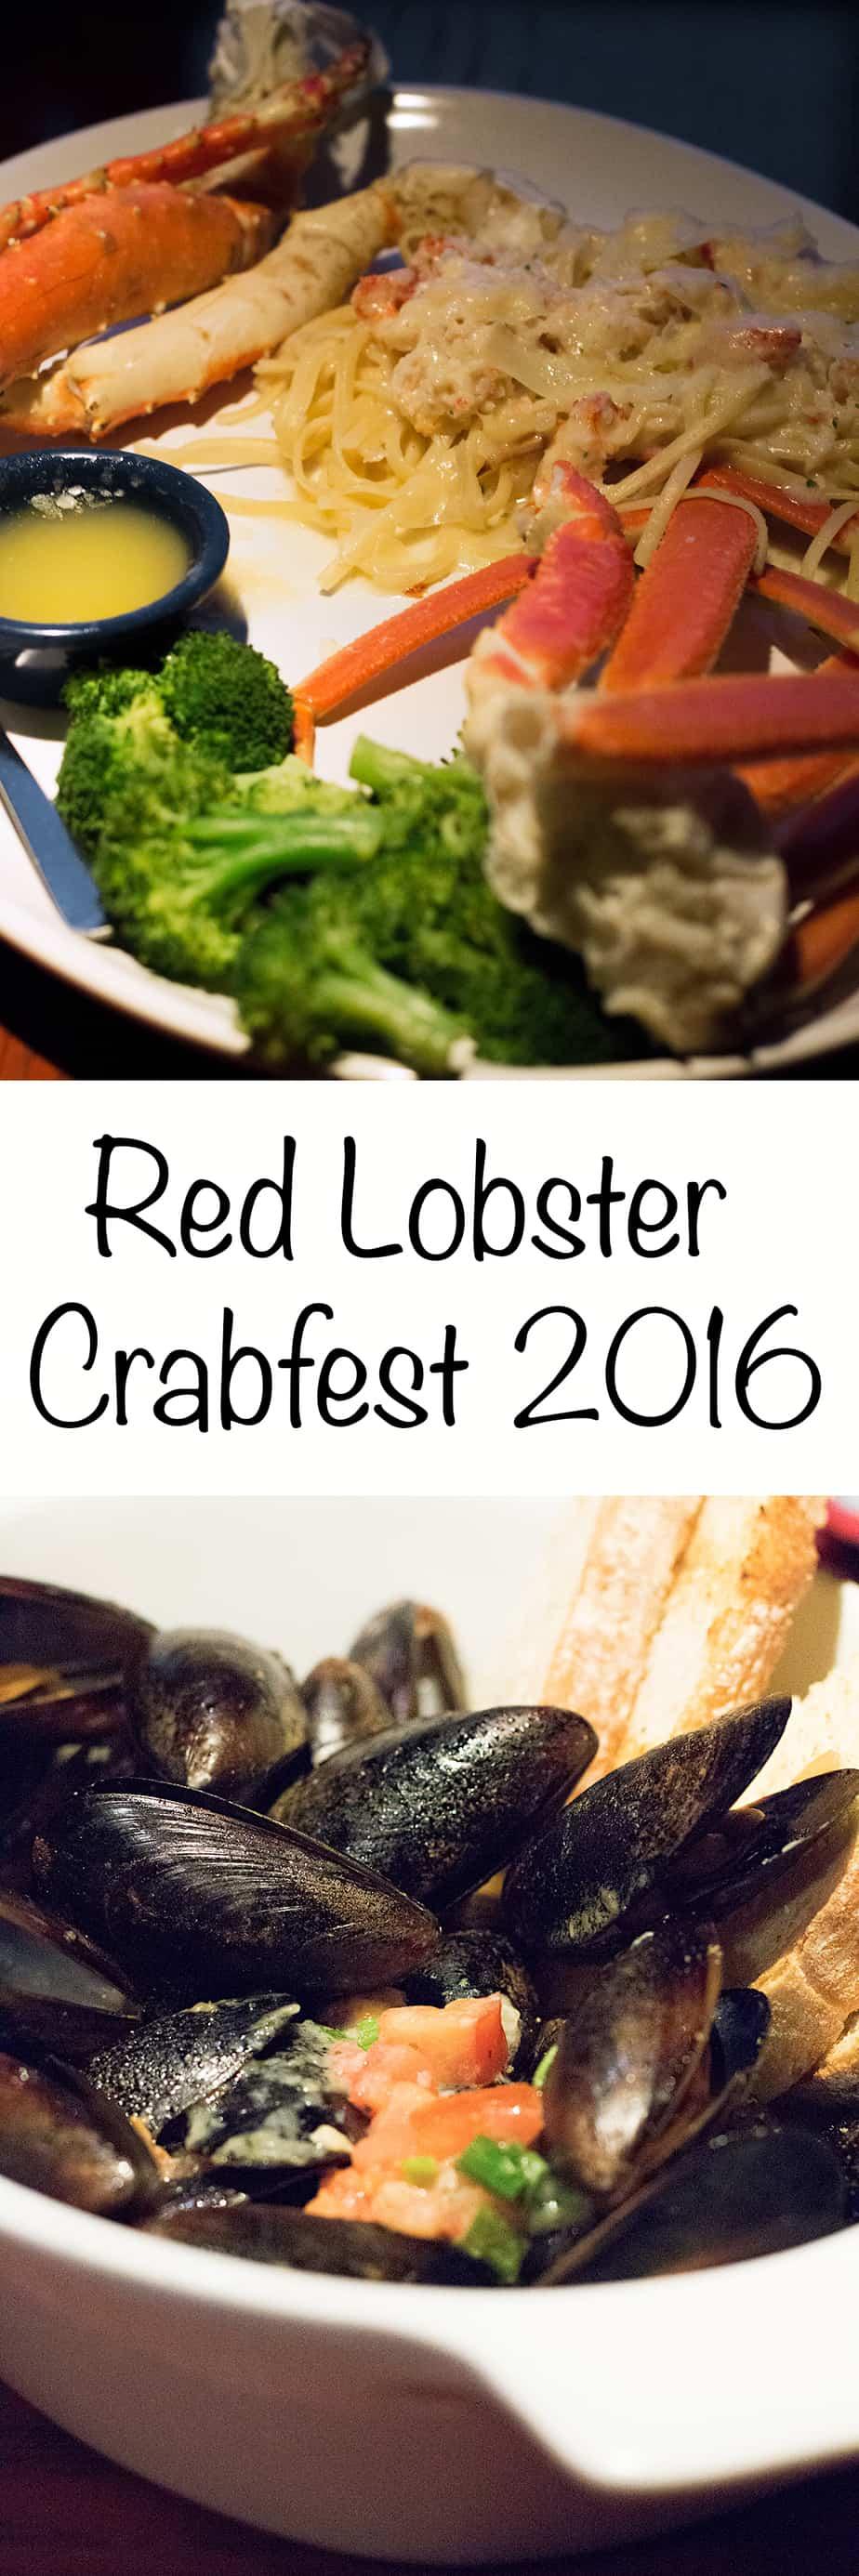 Red Lobster Crabfest 2016